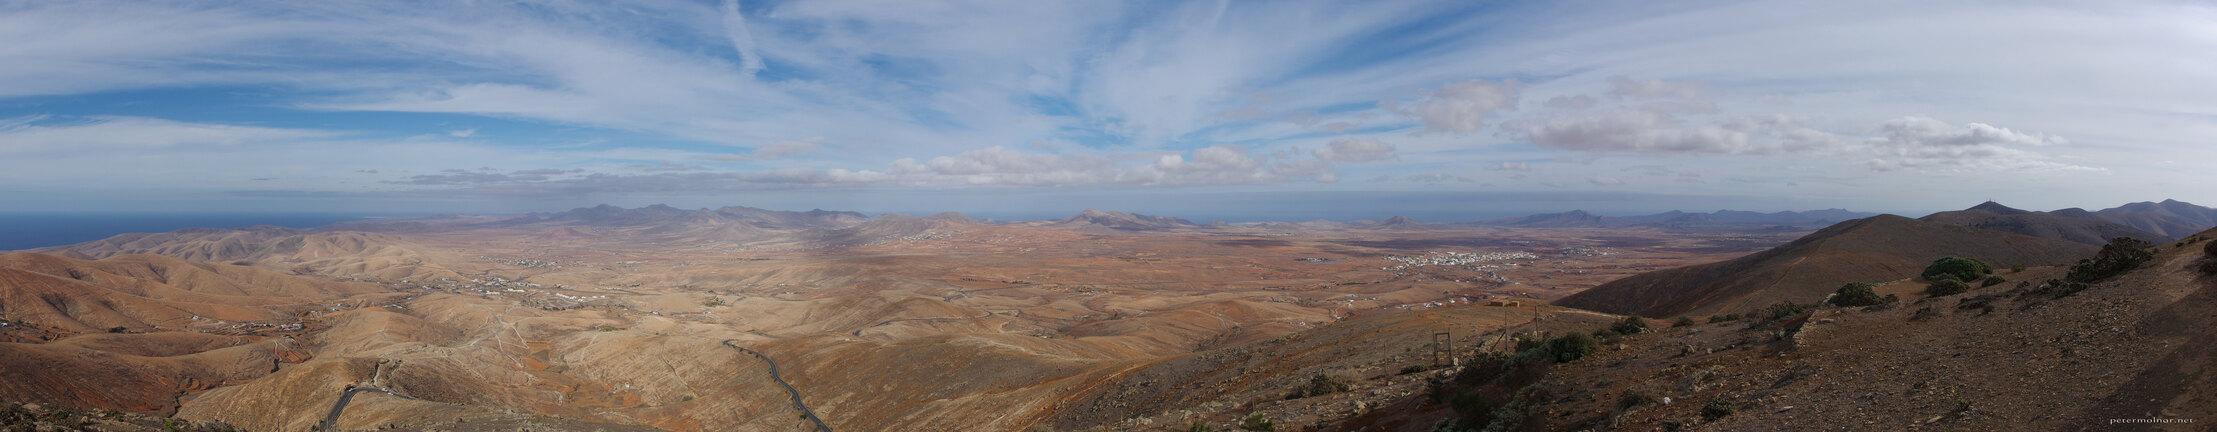 panorama-from-mirador-de-morro-velosa